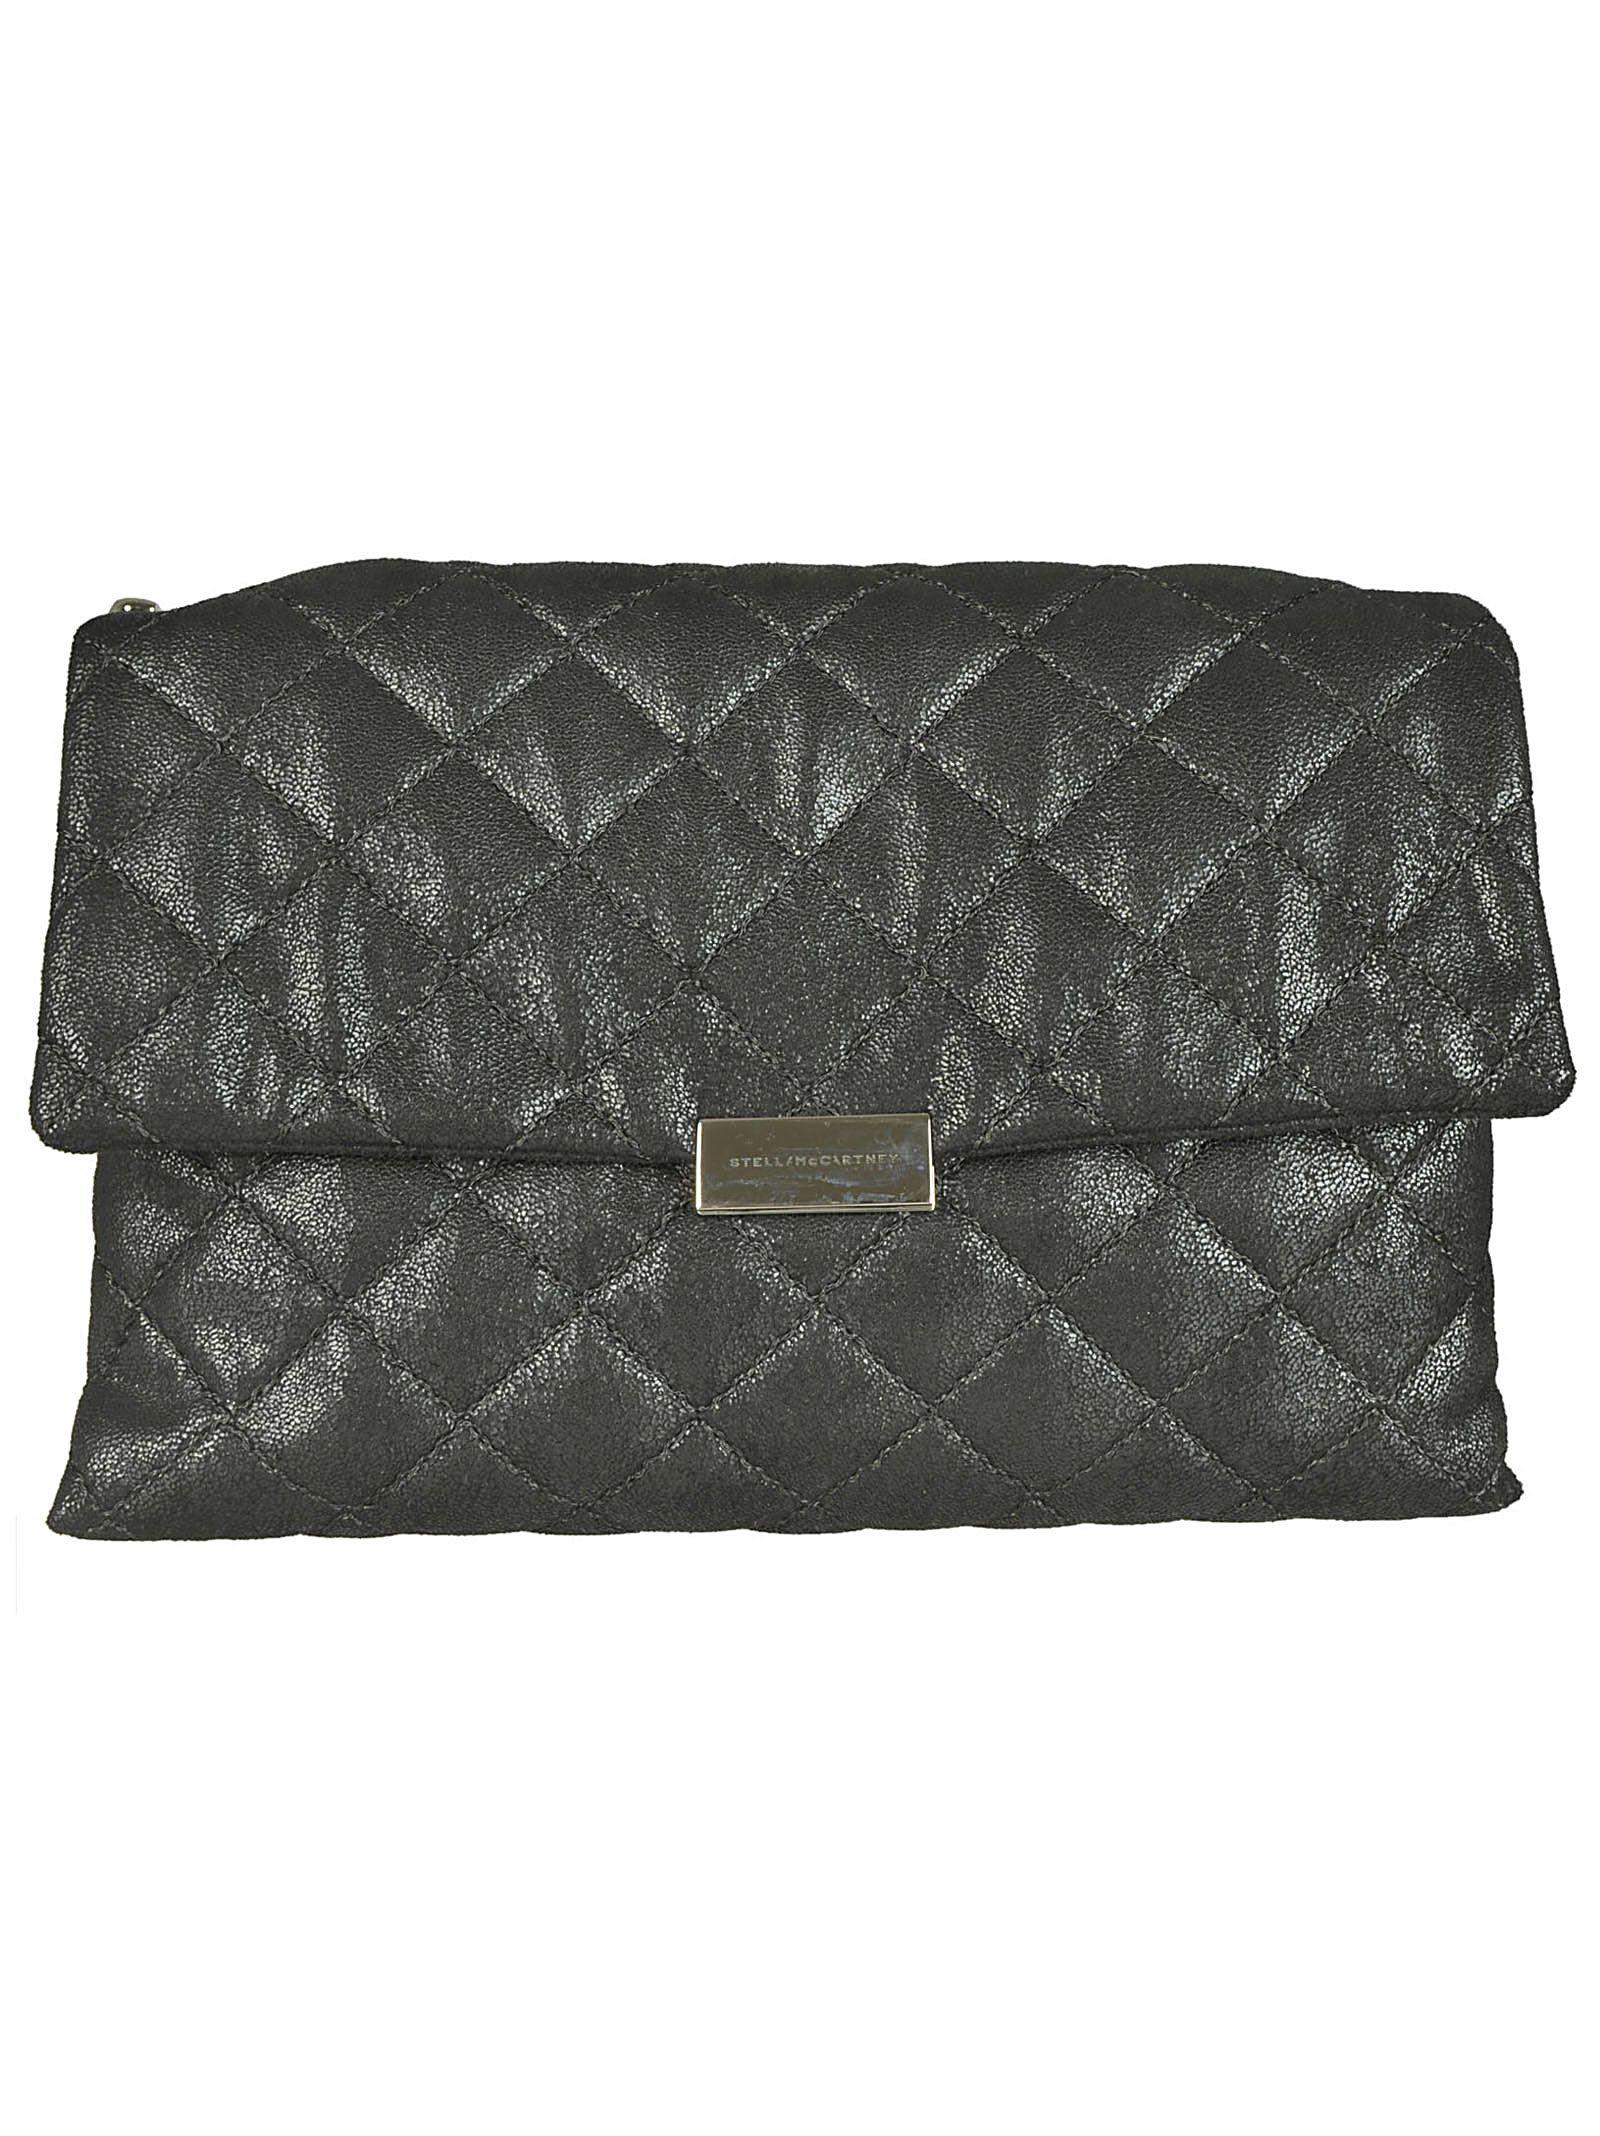 Stella McCartney Becks Shoulder Bag